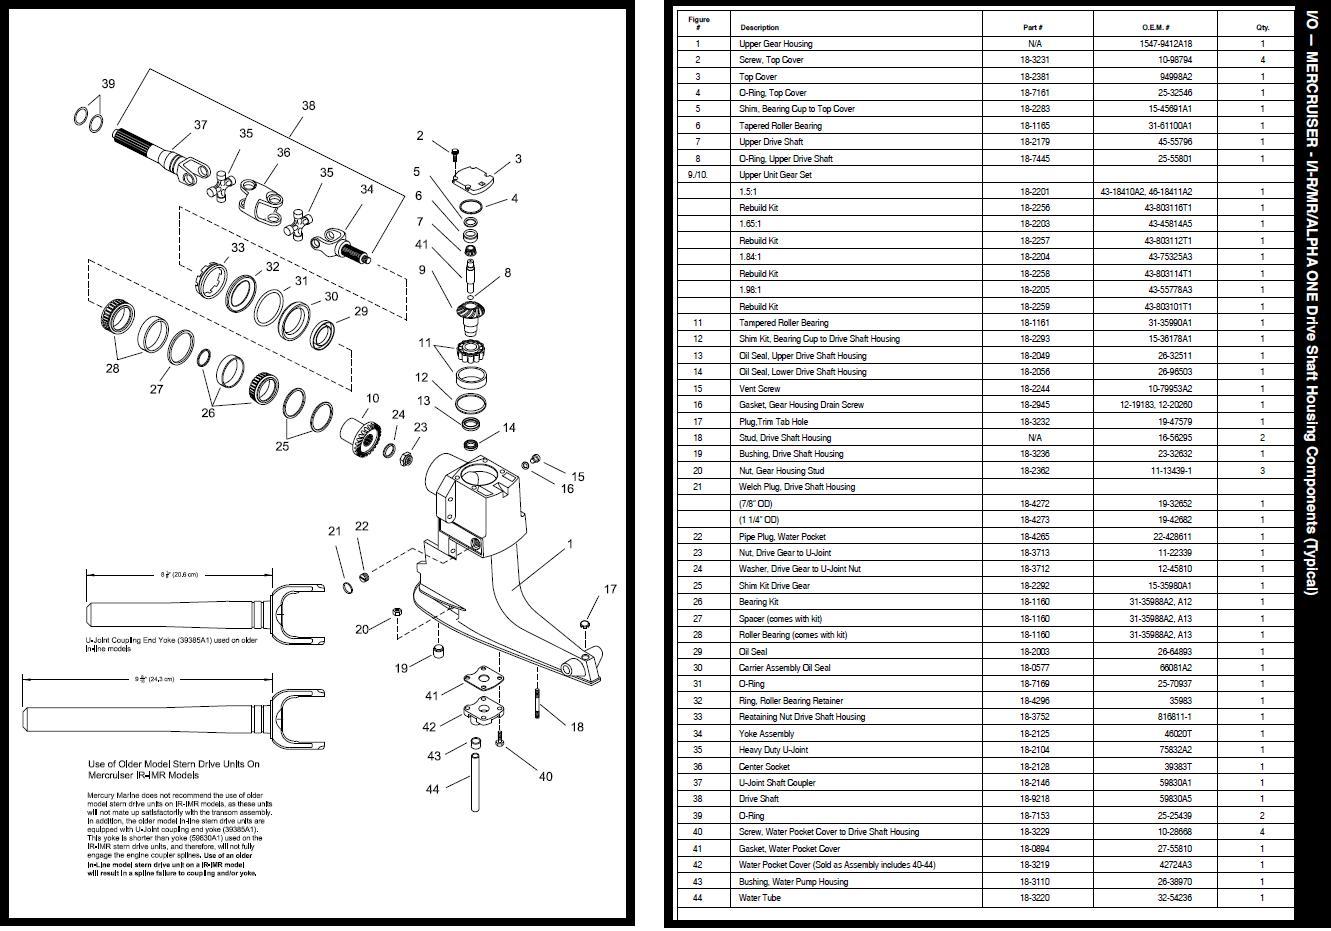 Mercruiser ALPHA ONE incl onderdelenlijst (montage) - www